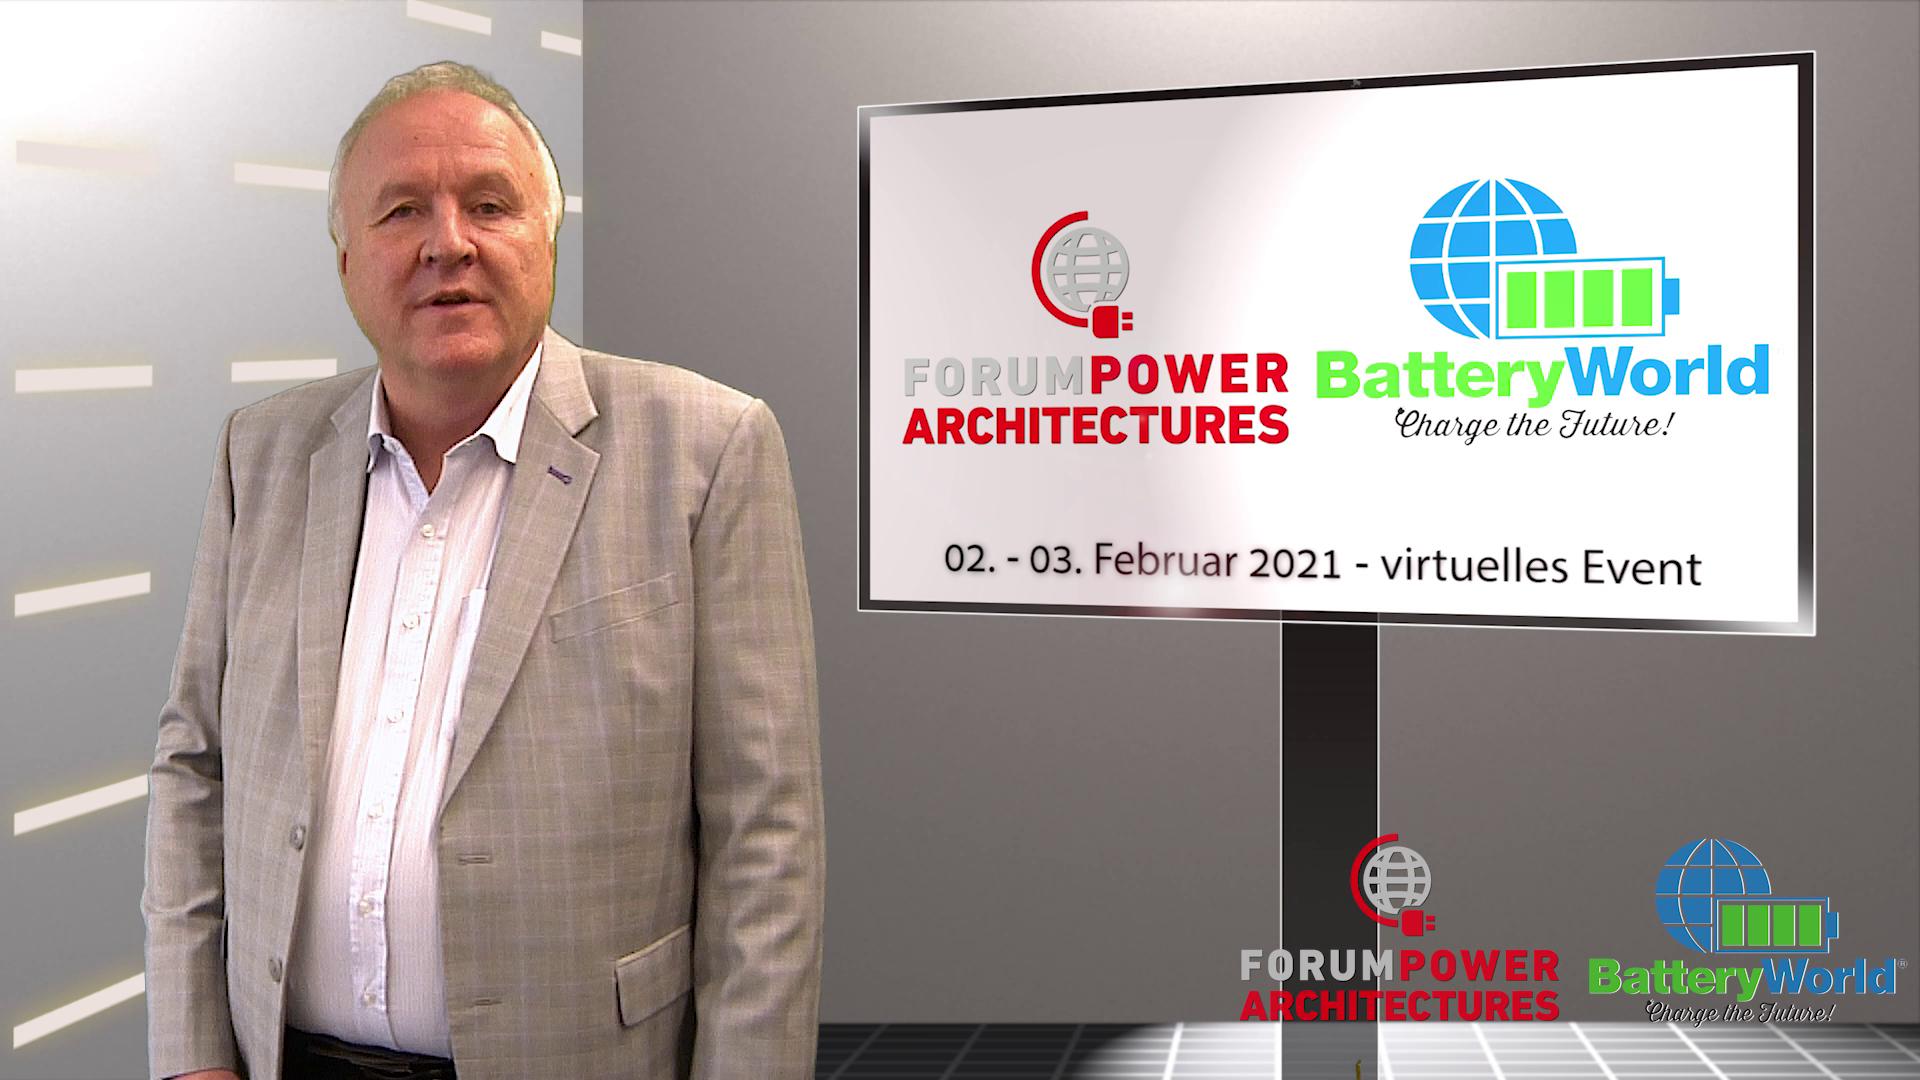 Ausblick auf die BatteryWorld und das Forum Power Architectures 2021